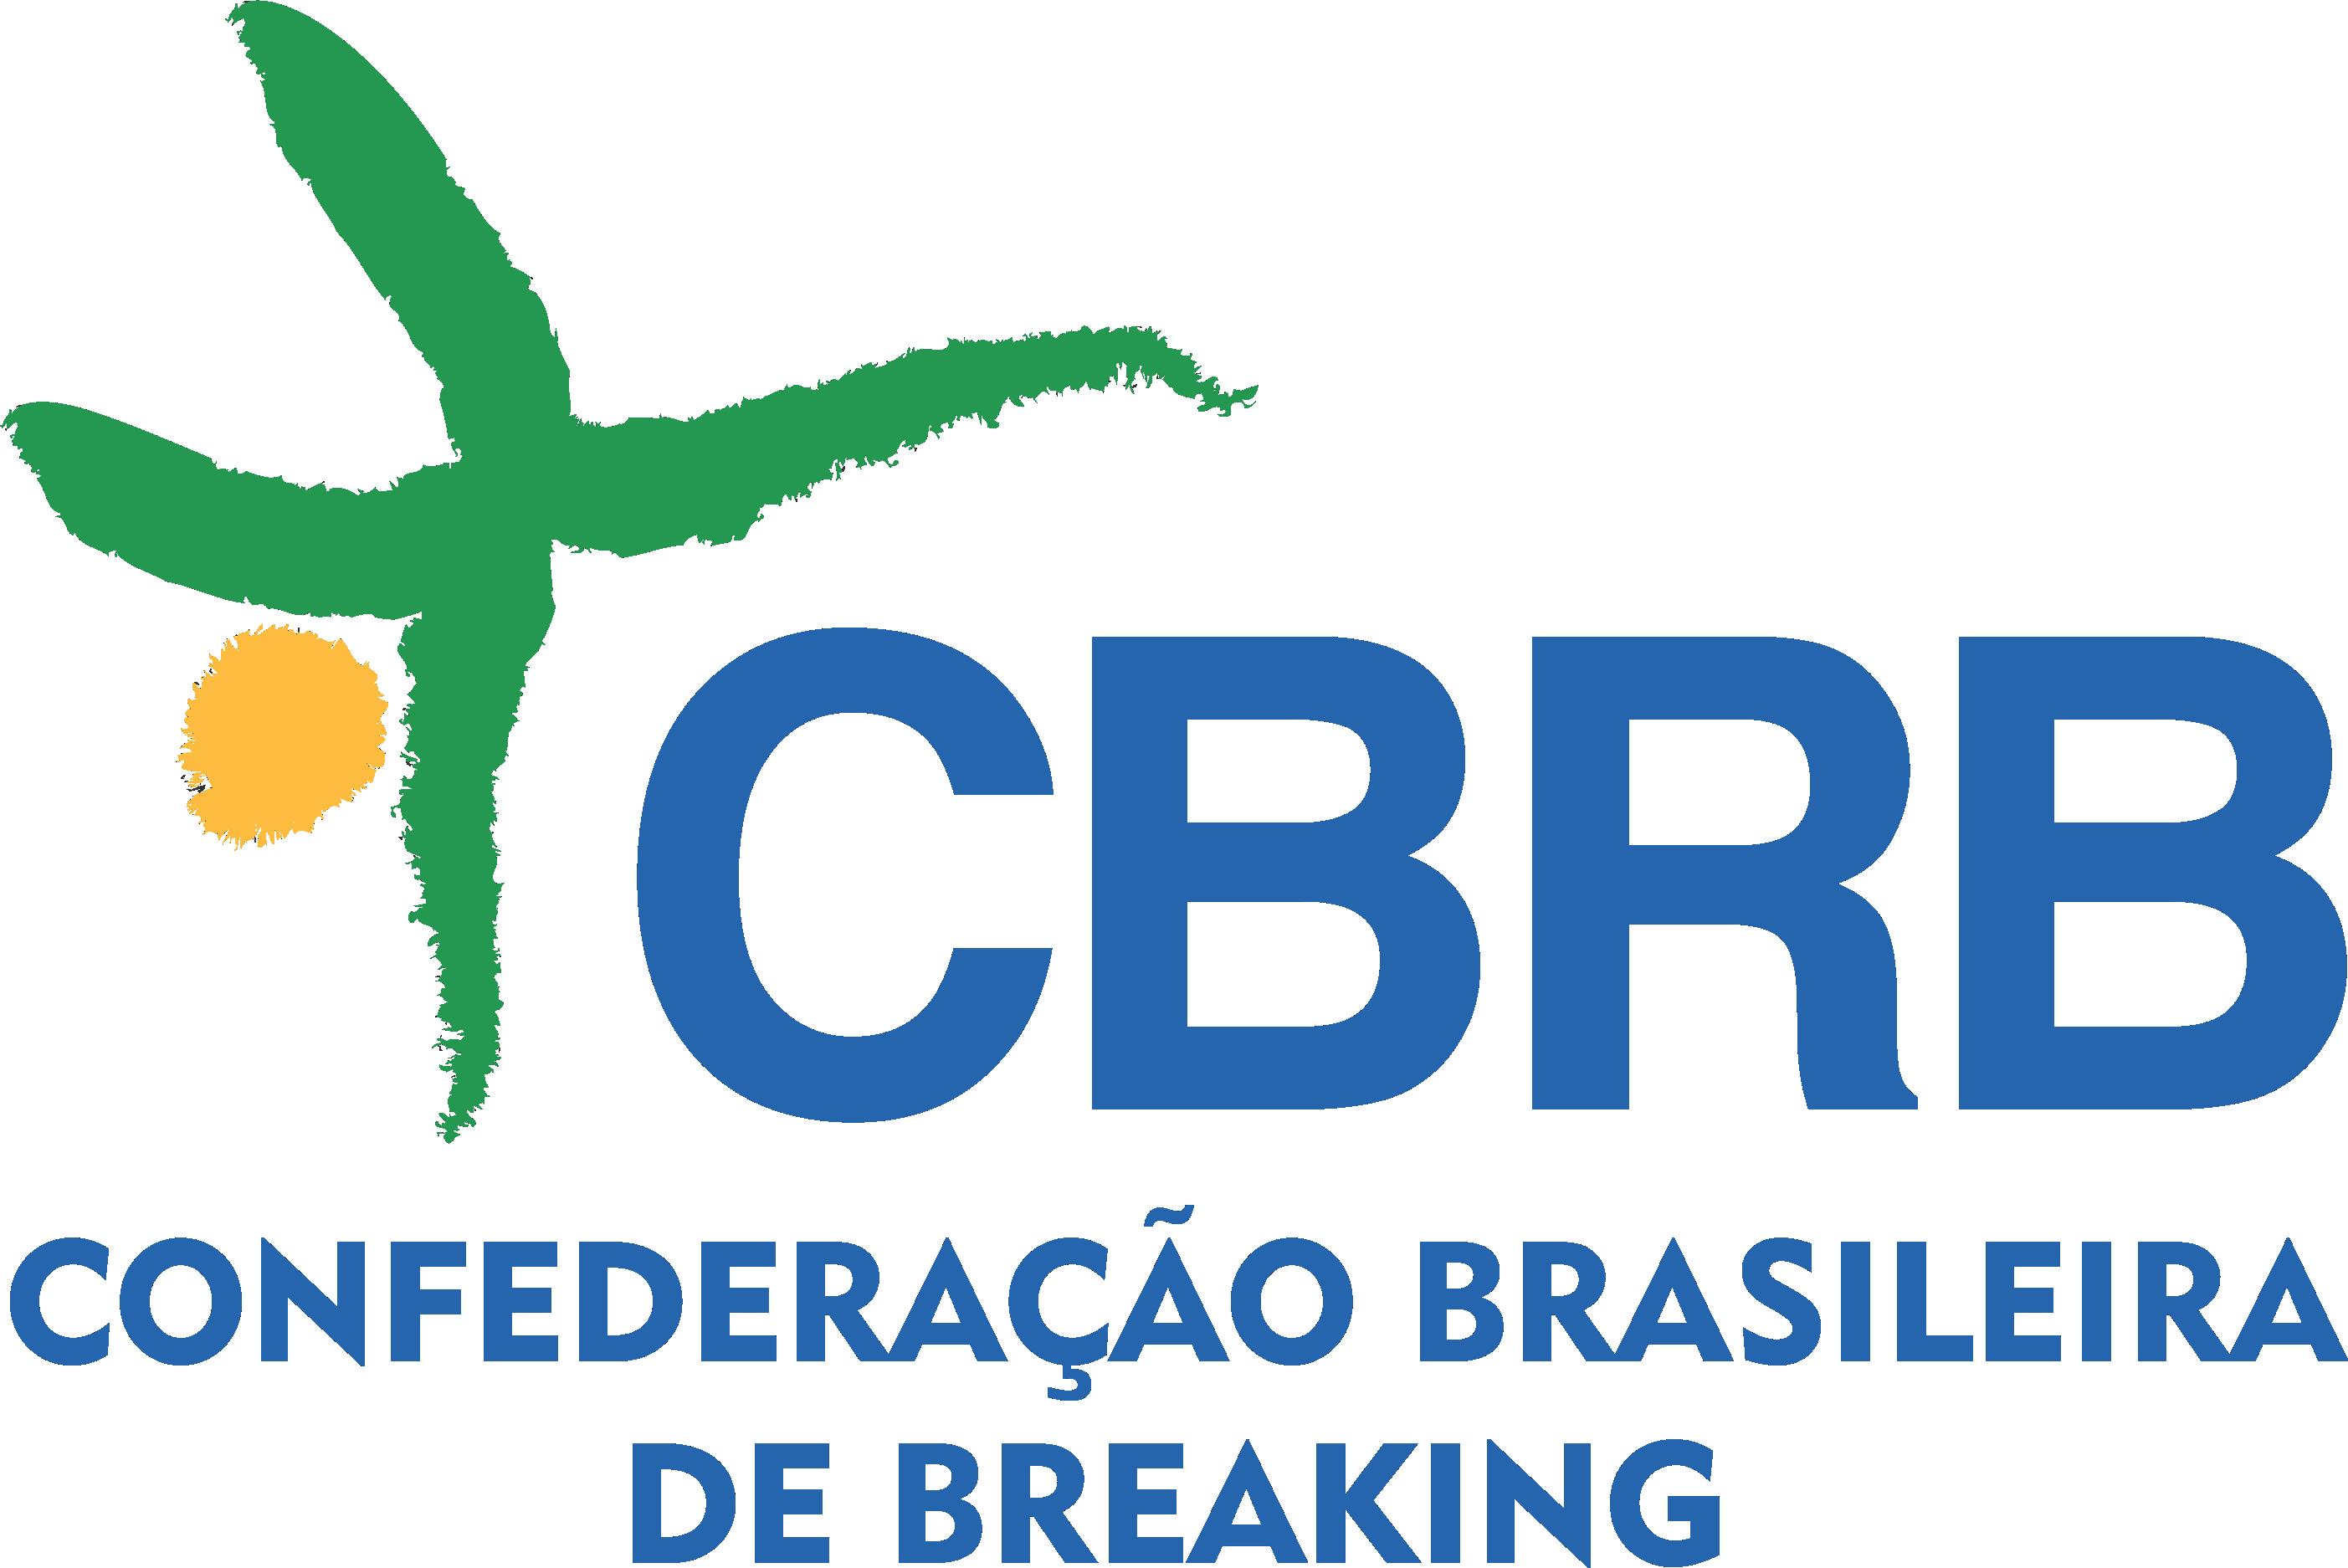 CBRB Confederação Brasileira de Breaking